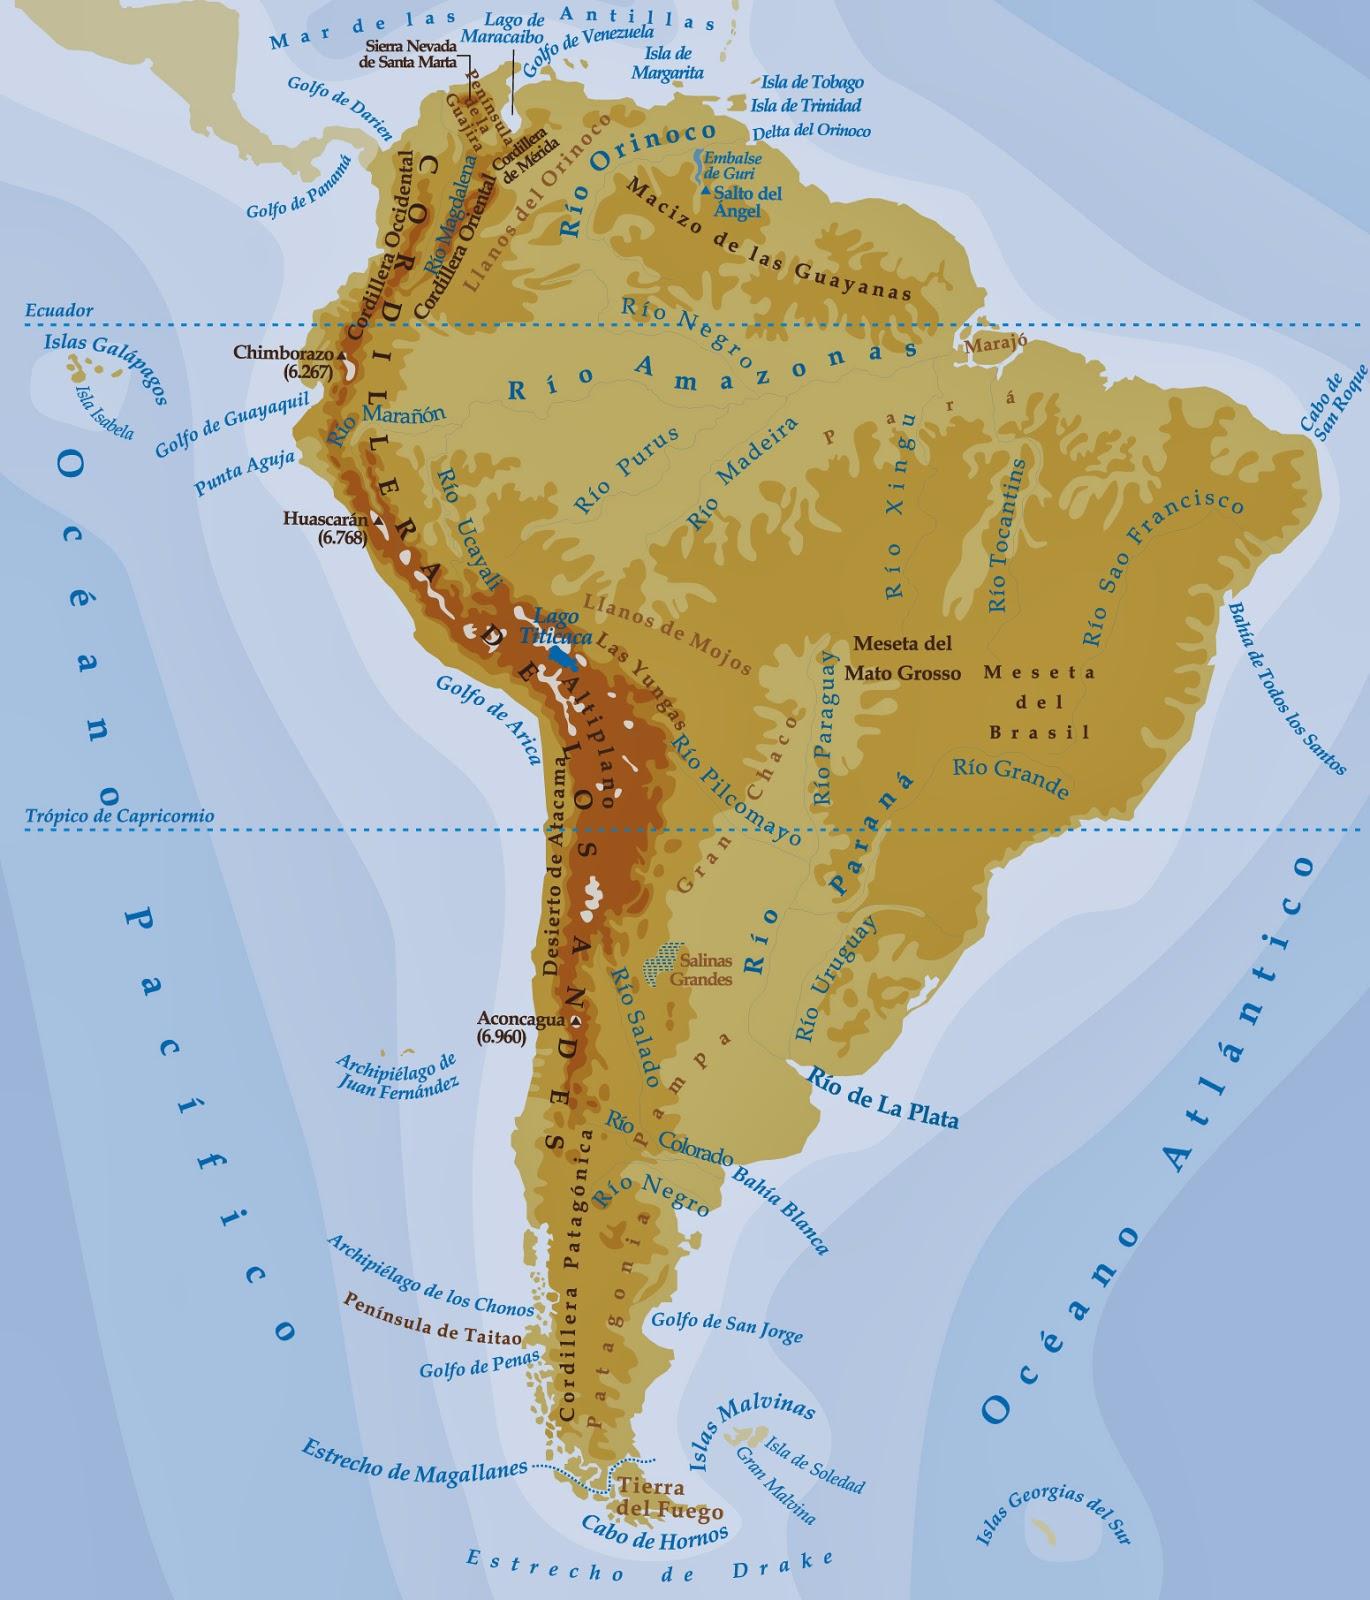 Mapa Fisico America Mudo Pdf.Geografia E Historia Tietar Mapa Fisico De America